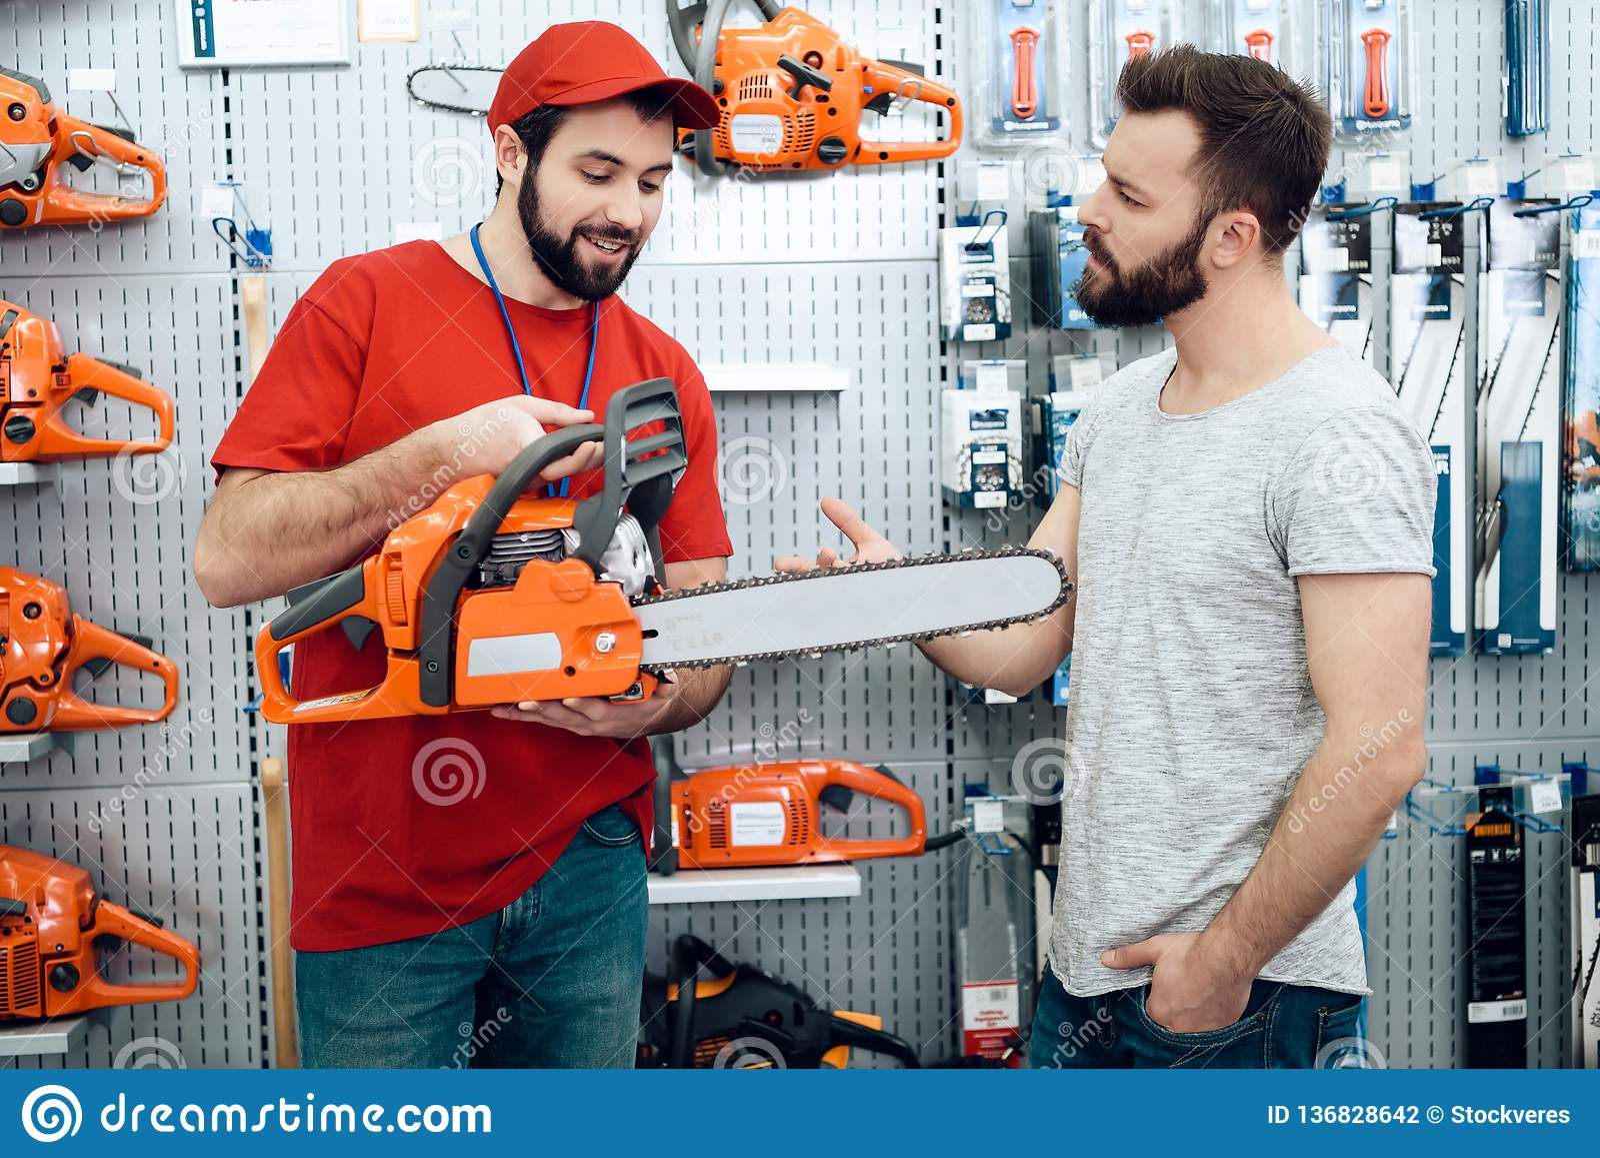 Ο πωλητής παρουσιάζει γενειοφόρο νέο αλυσιδοπρίονο πελατών στο κατάστημα εργαλείων δύναμης